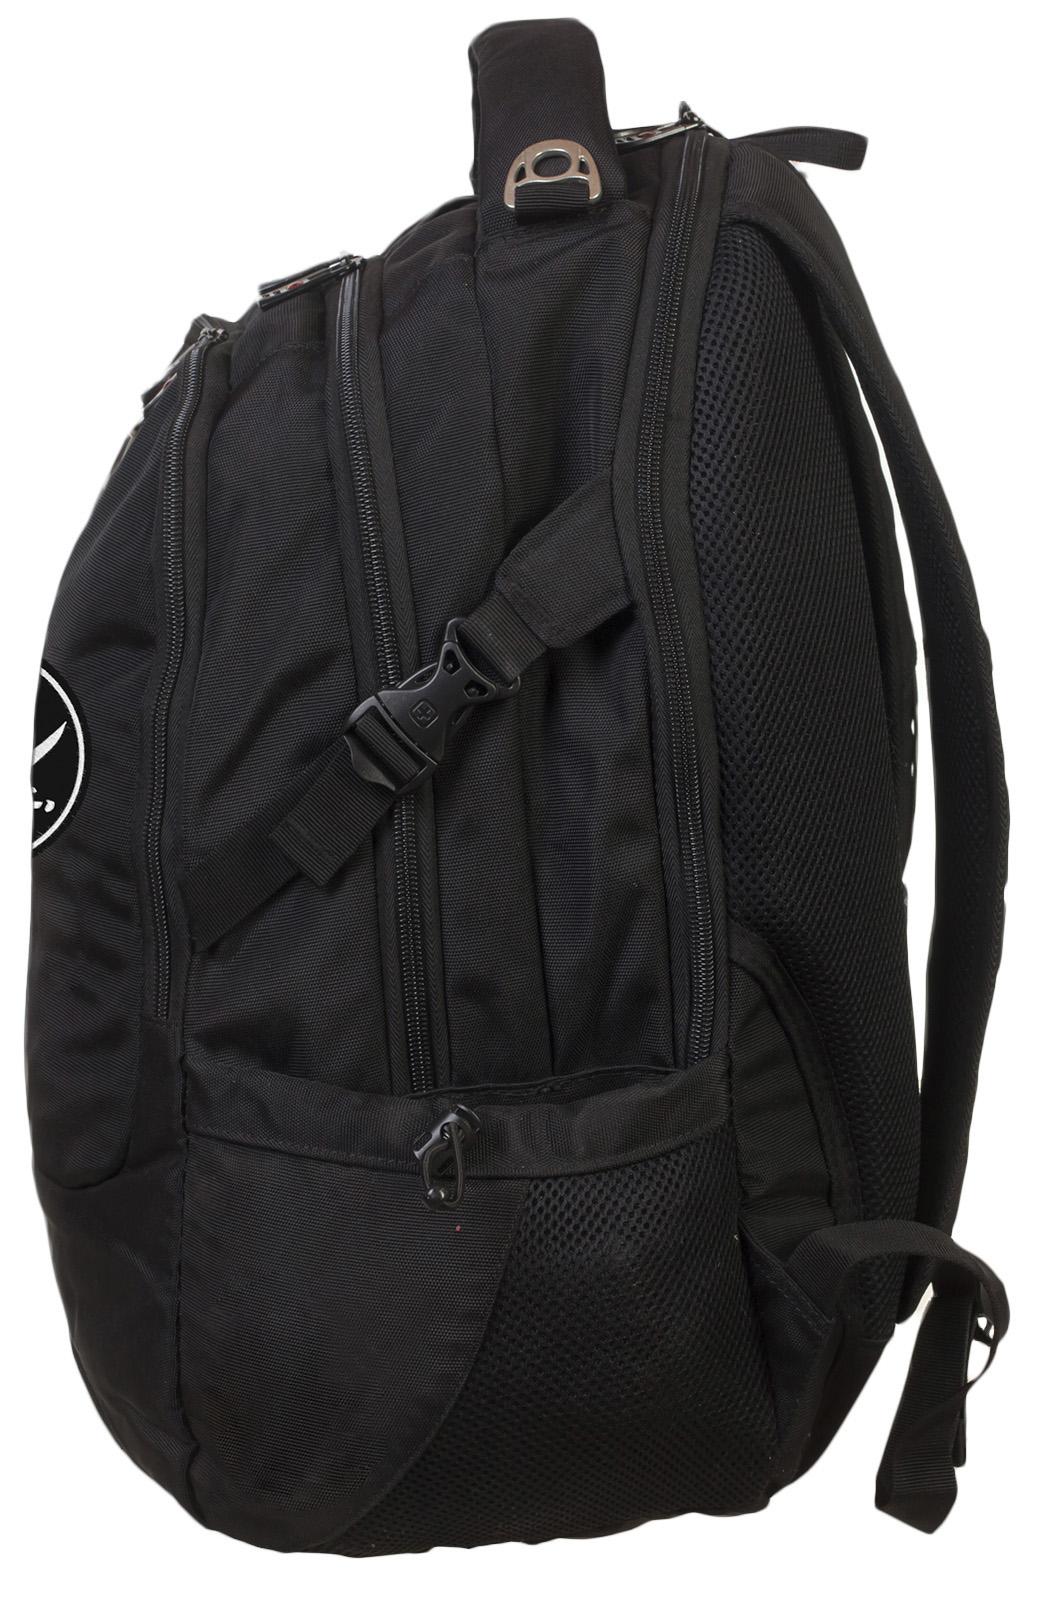 Эргономичный вместительный рюкзак с нашивкой Пиратский флаг - купить с доставкой